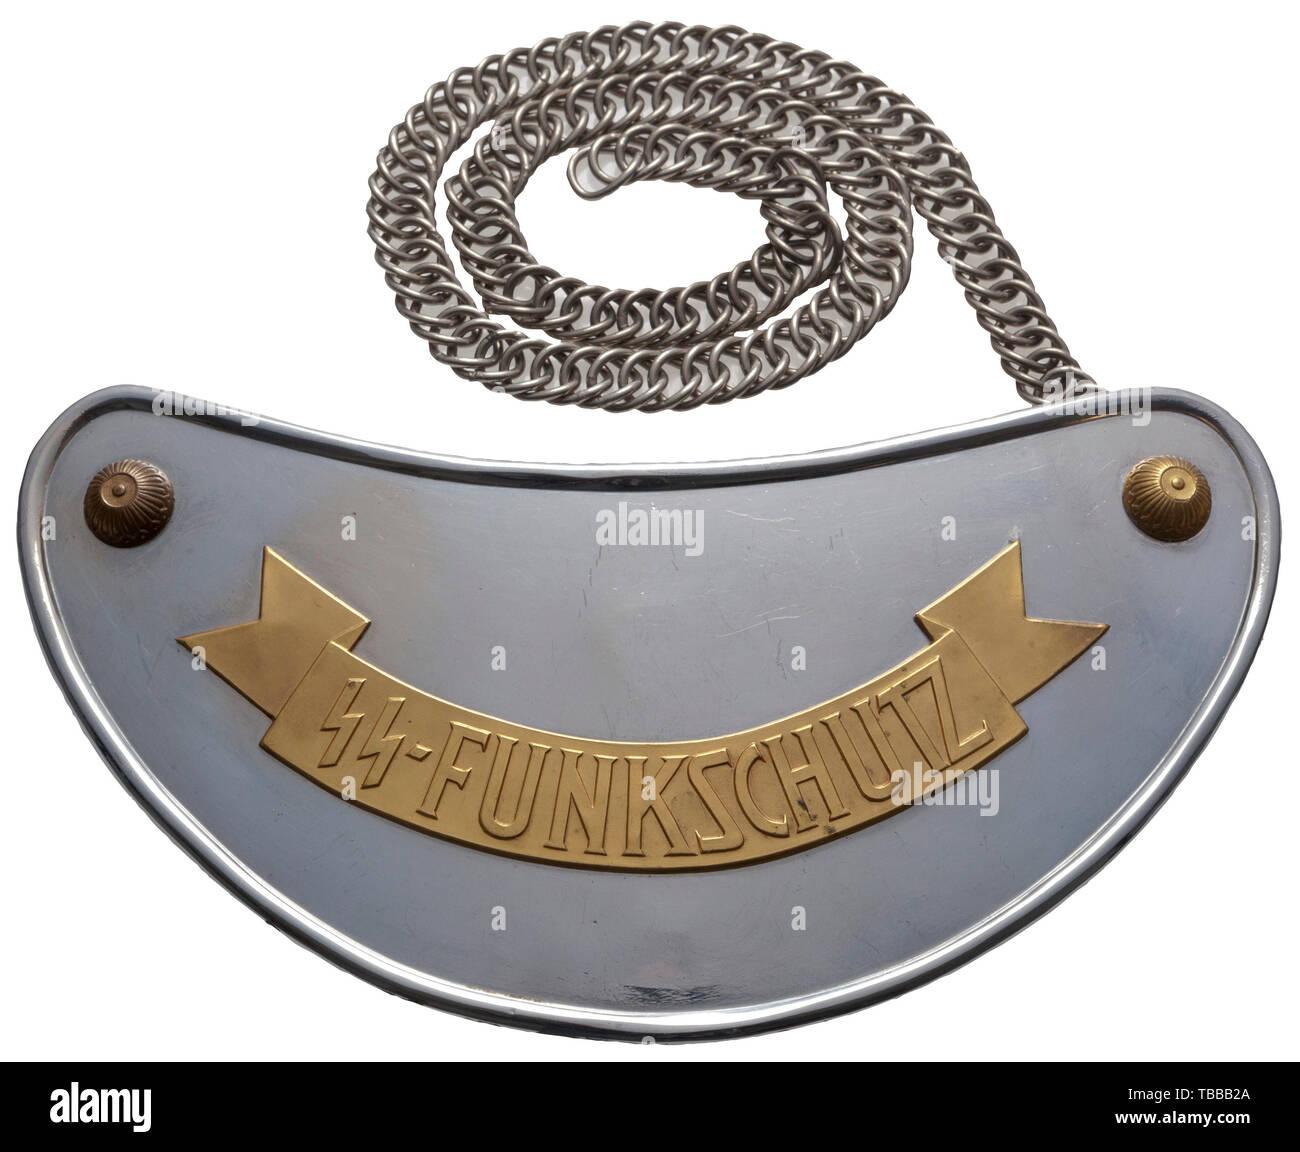 Pokal Emblem Sch/ütze 25 mm//bronze